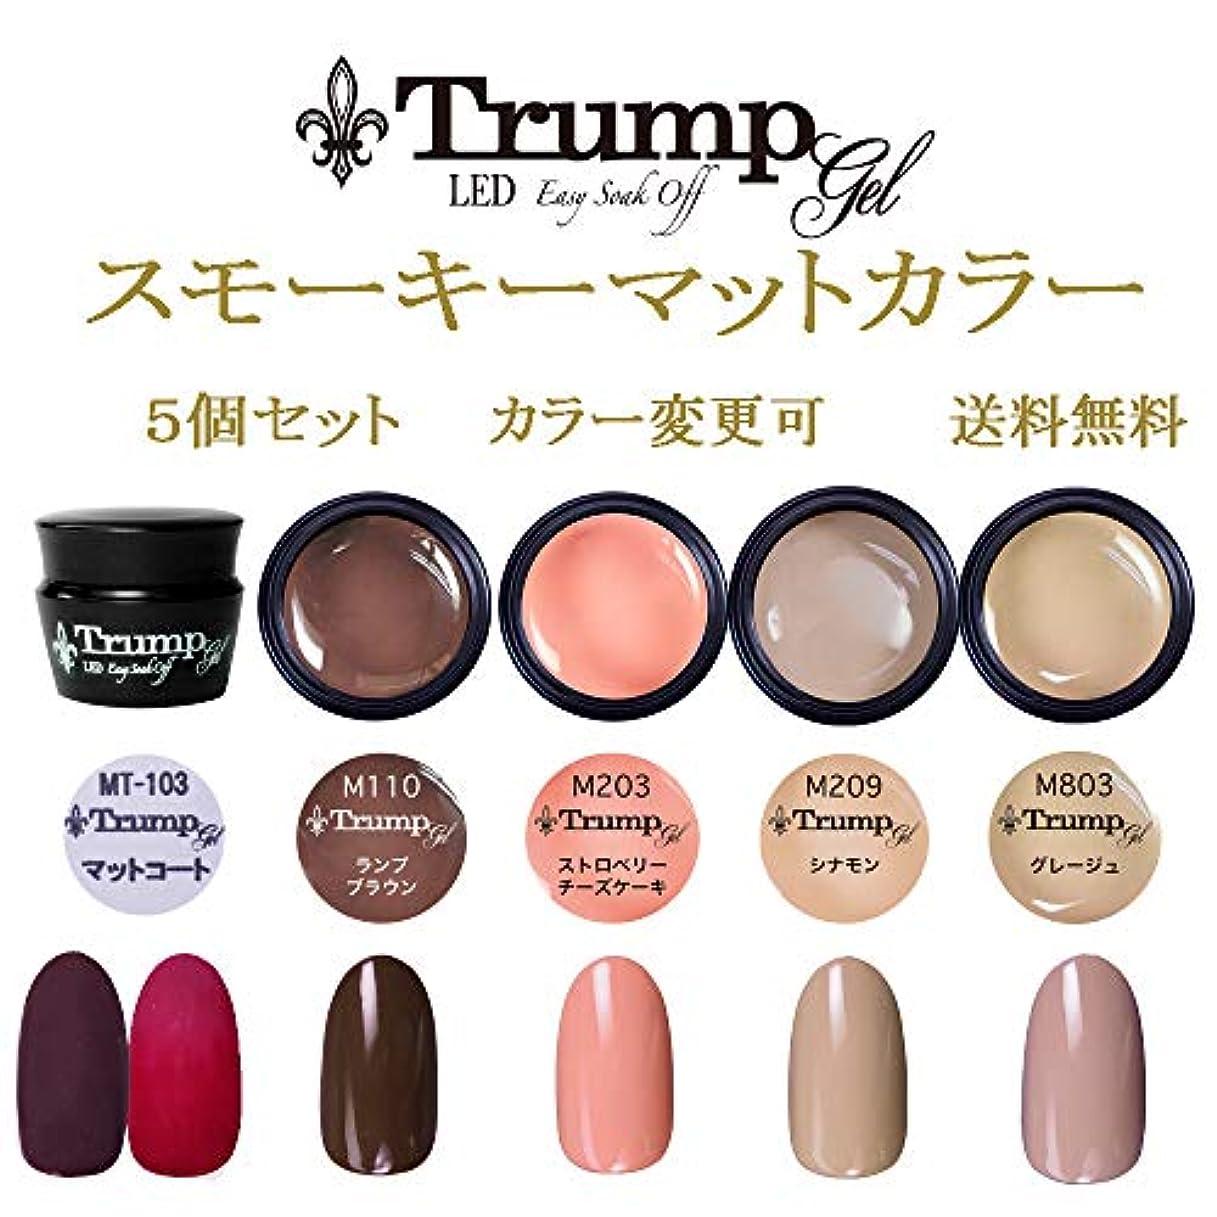 アラスカ湿度通行料金【送料無料】日本製 Trump gel トランプジェル スモーキーマット カラージェル 5個セット 魅惑のフロストマットトップとマットに合う人気カラーをチョイス